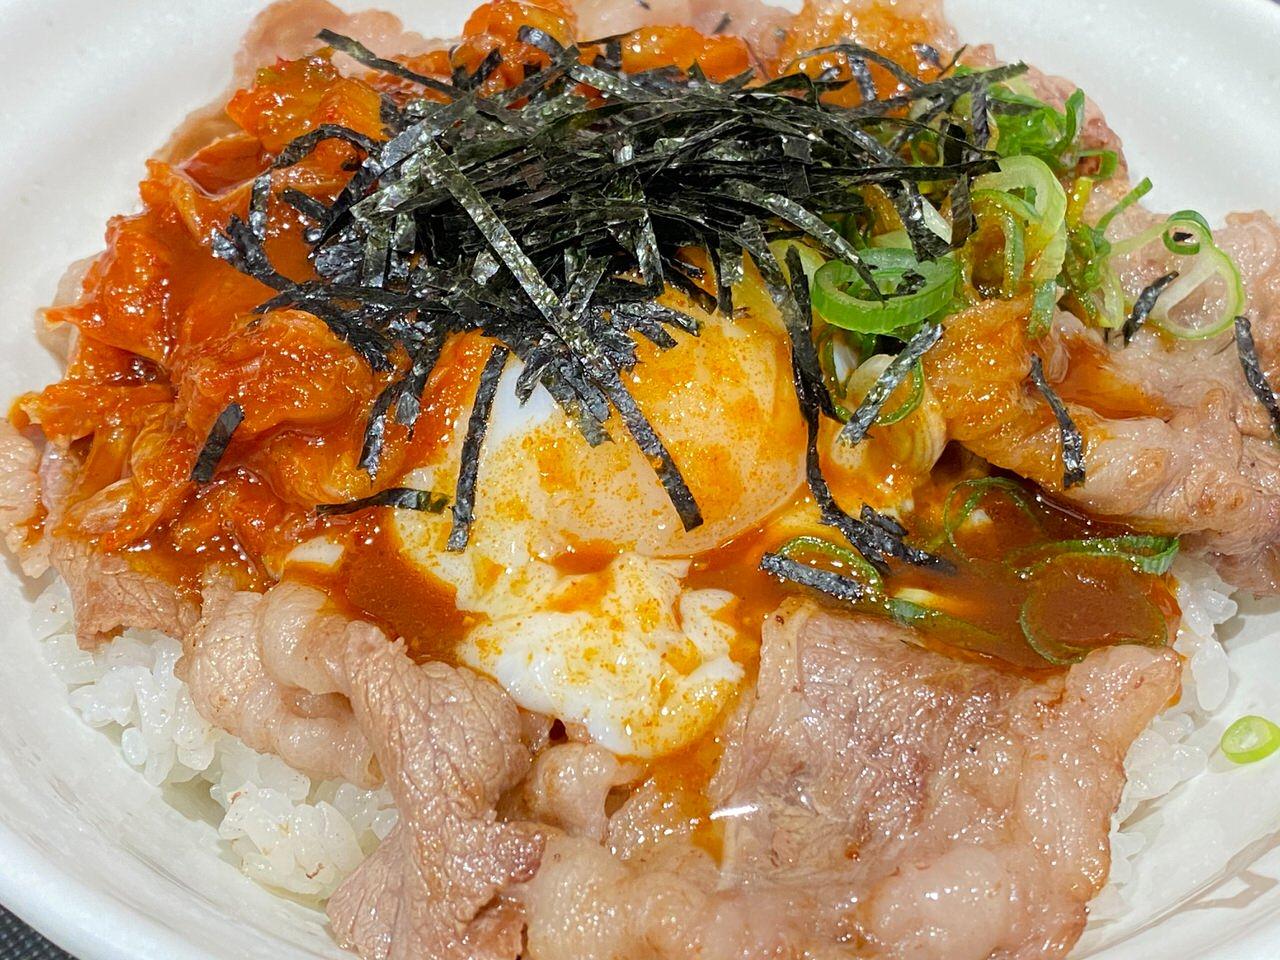 【松屋】定番メニューとなった「旨辛牛焼ビビン丼」を食べてみた 07